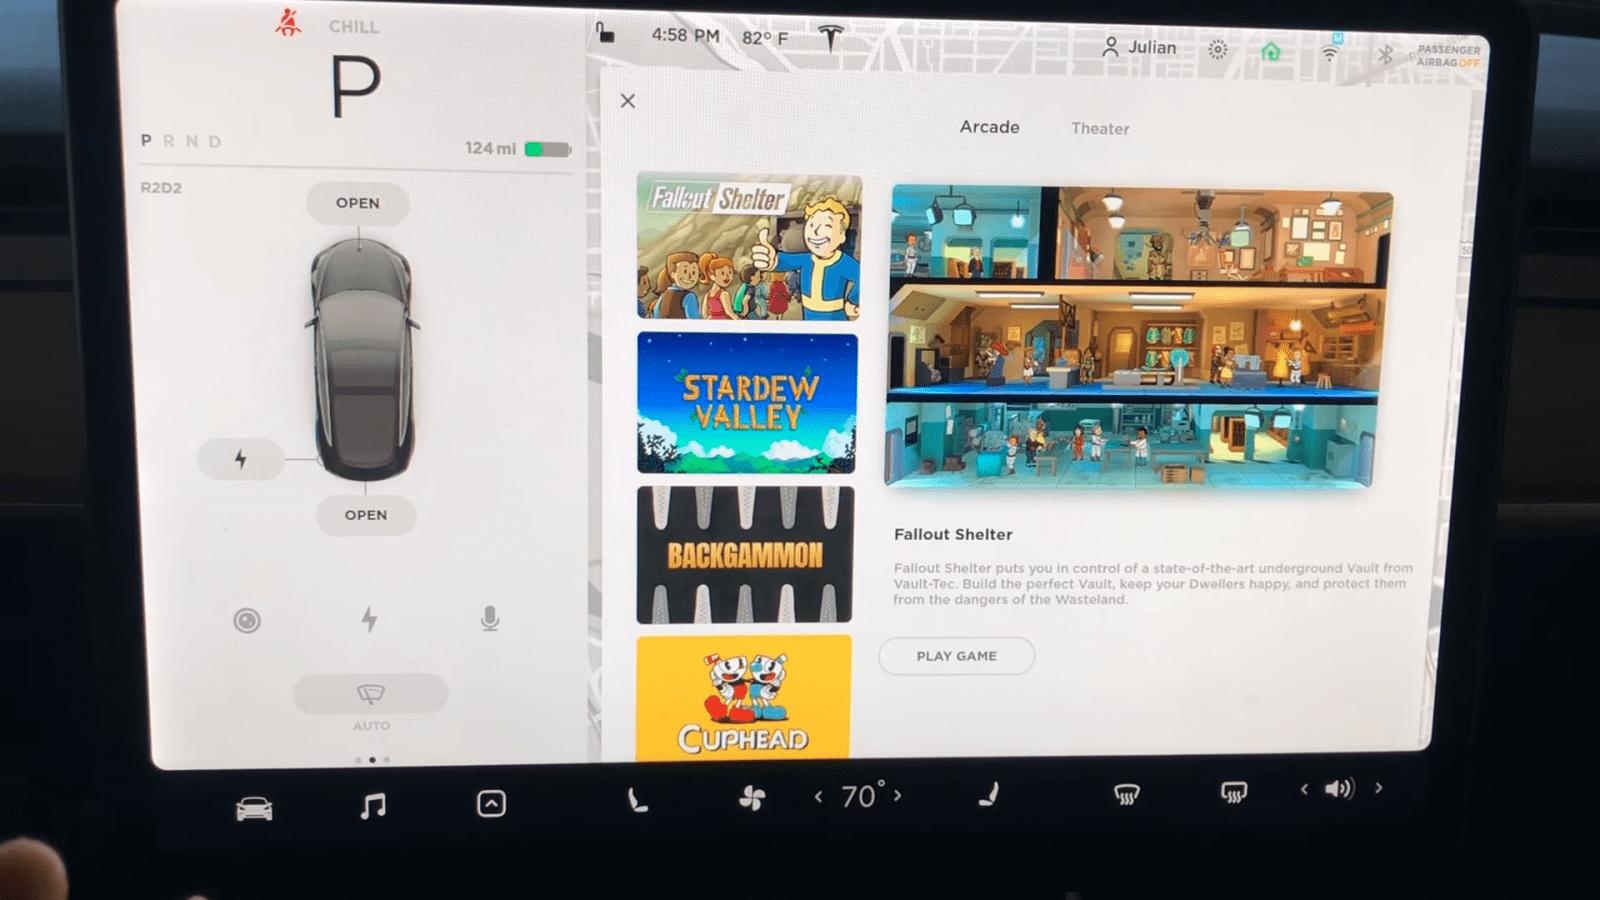 Игра Fallout Shelter появилась в автомобилях Tesla (screenshot from 2020 05 23 13 19 01)